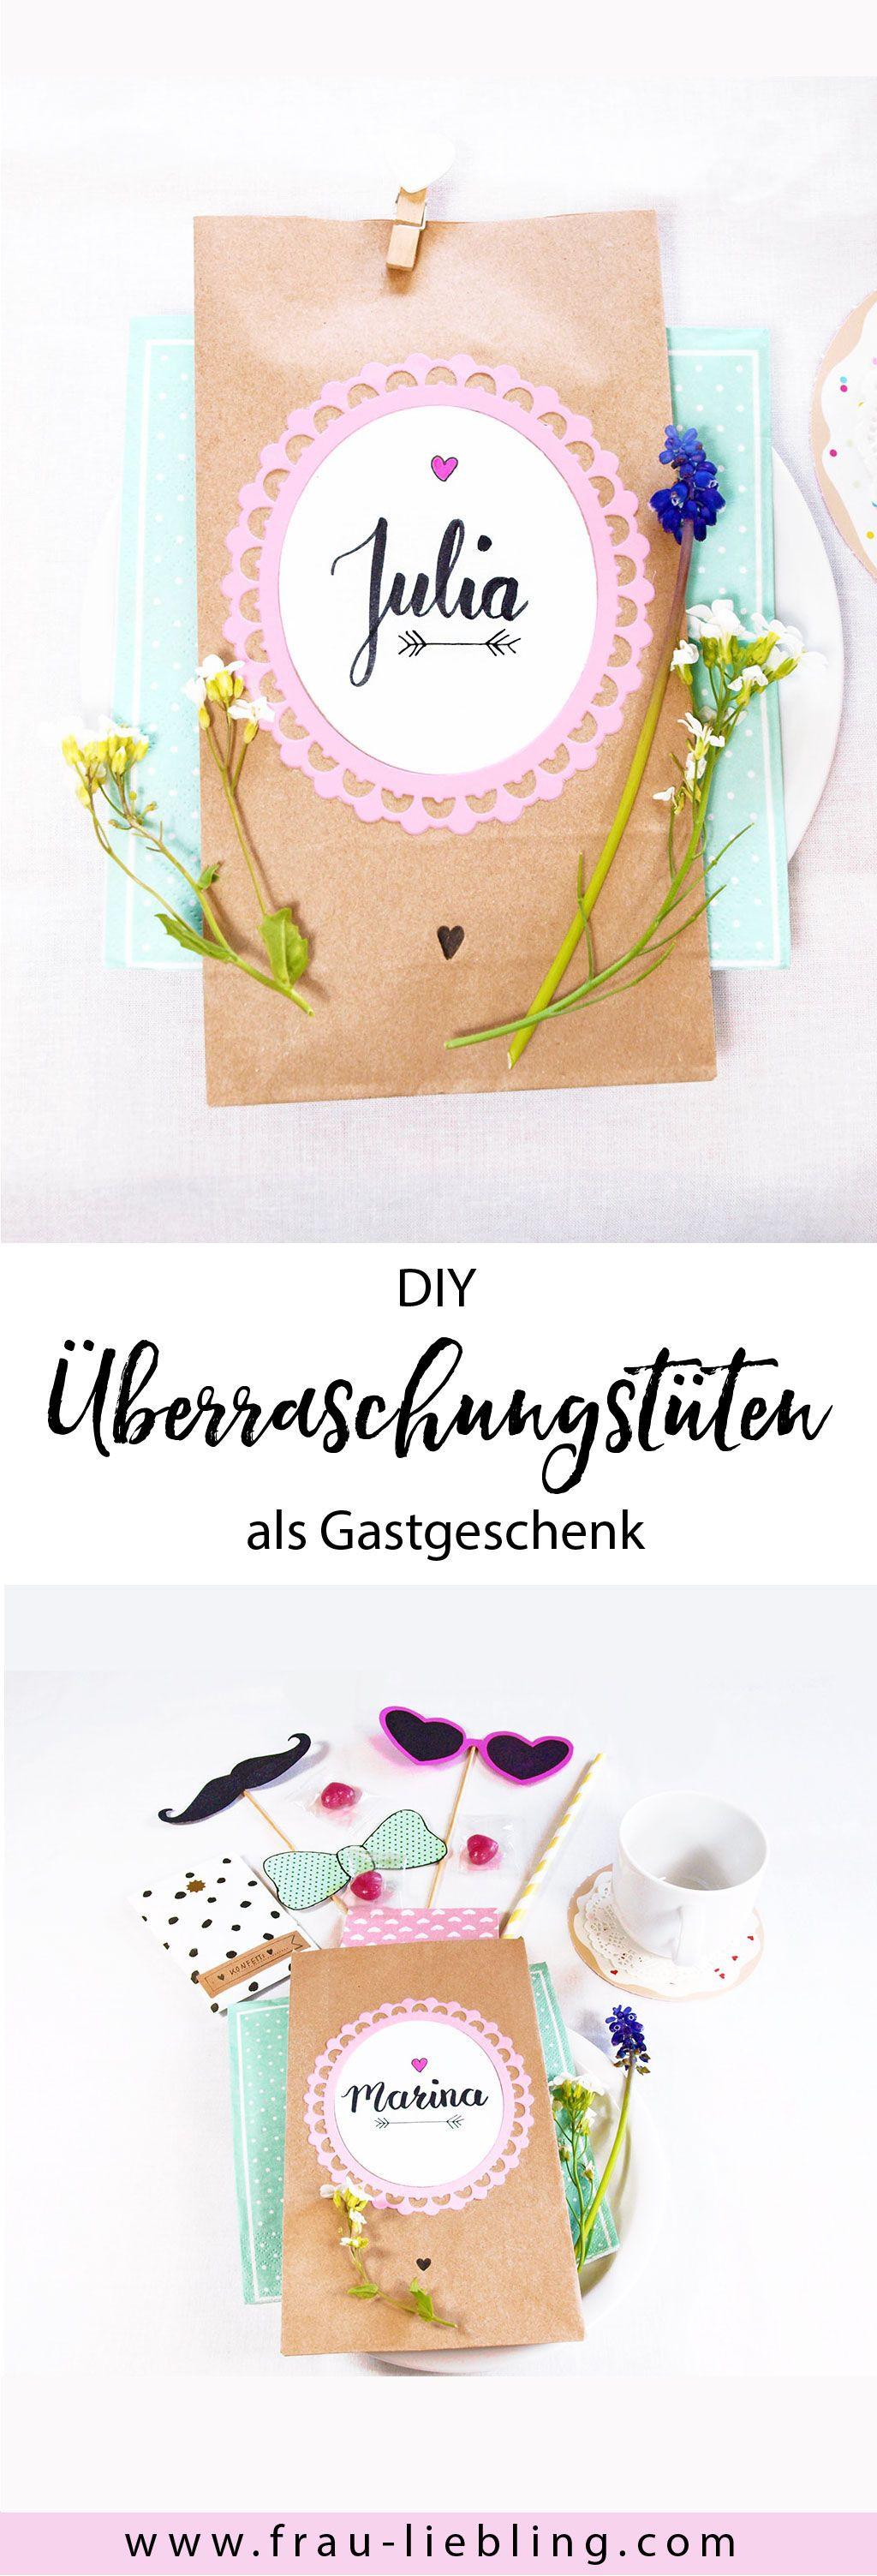 Ideen Geburtstagsfeier Erwachsene  Das ideale Geschenk für deine Gäste DIY Wundertüten ganz